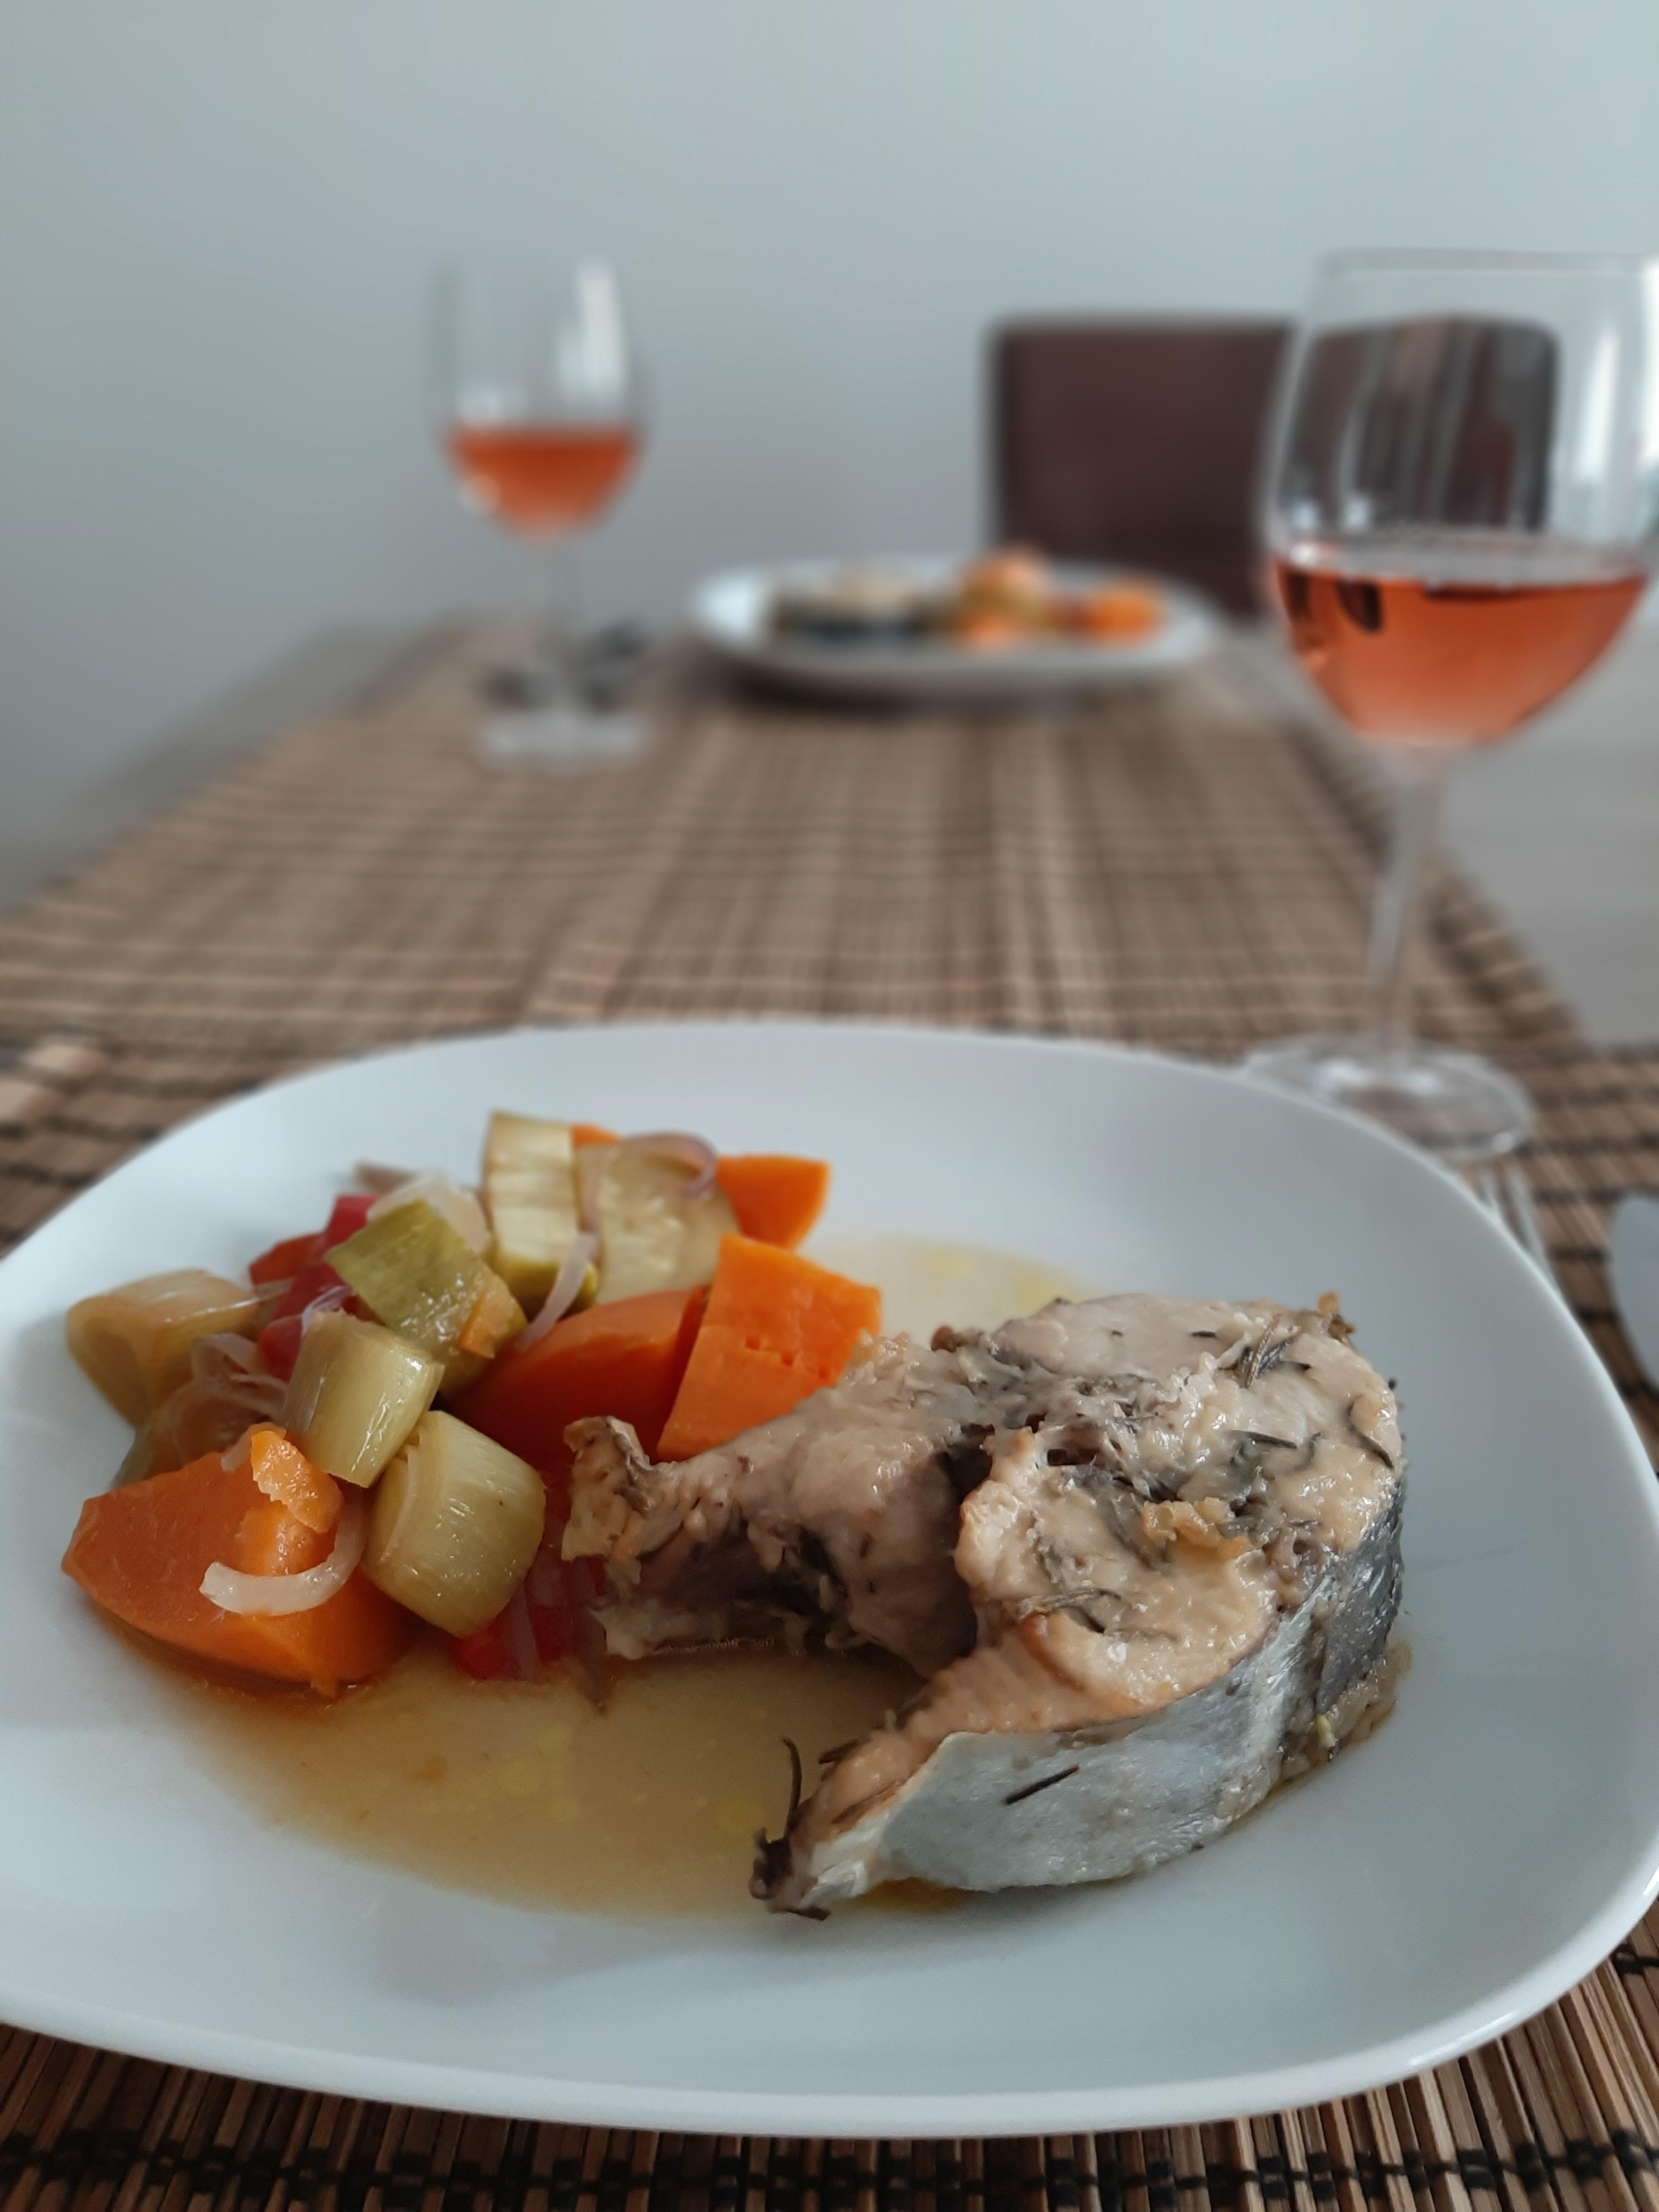 Thunfisch auf Gemüsebett